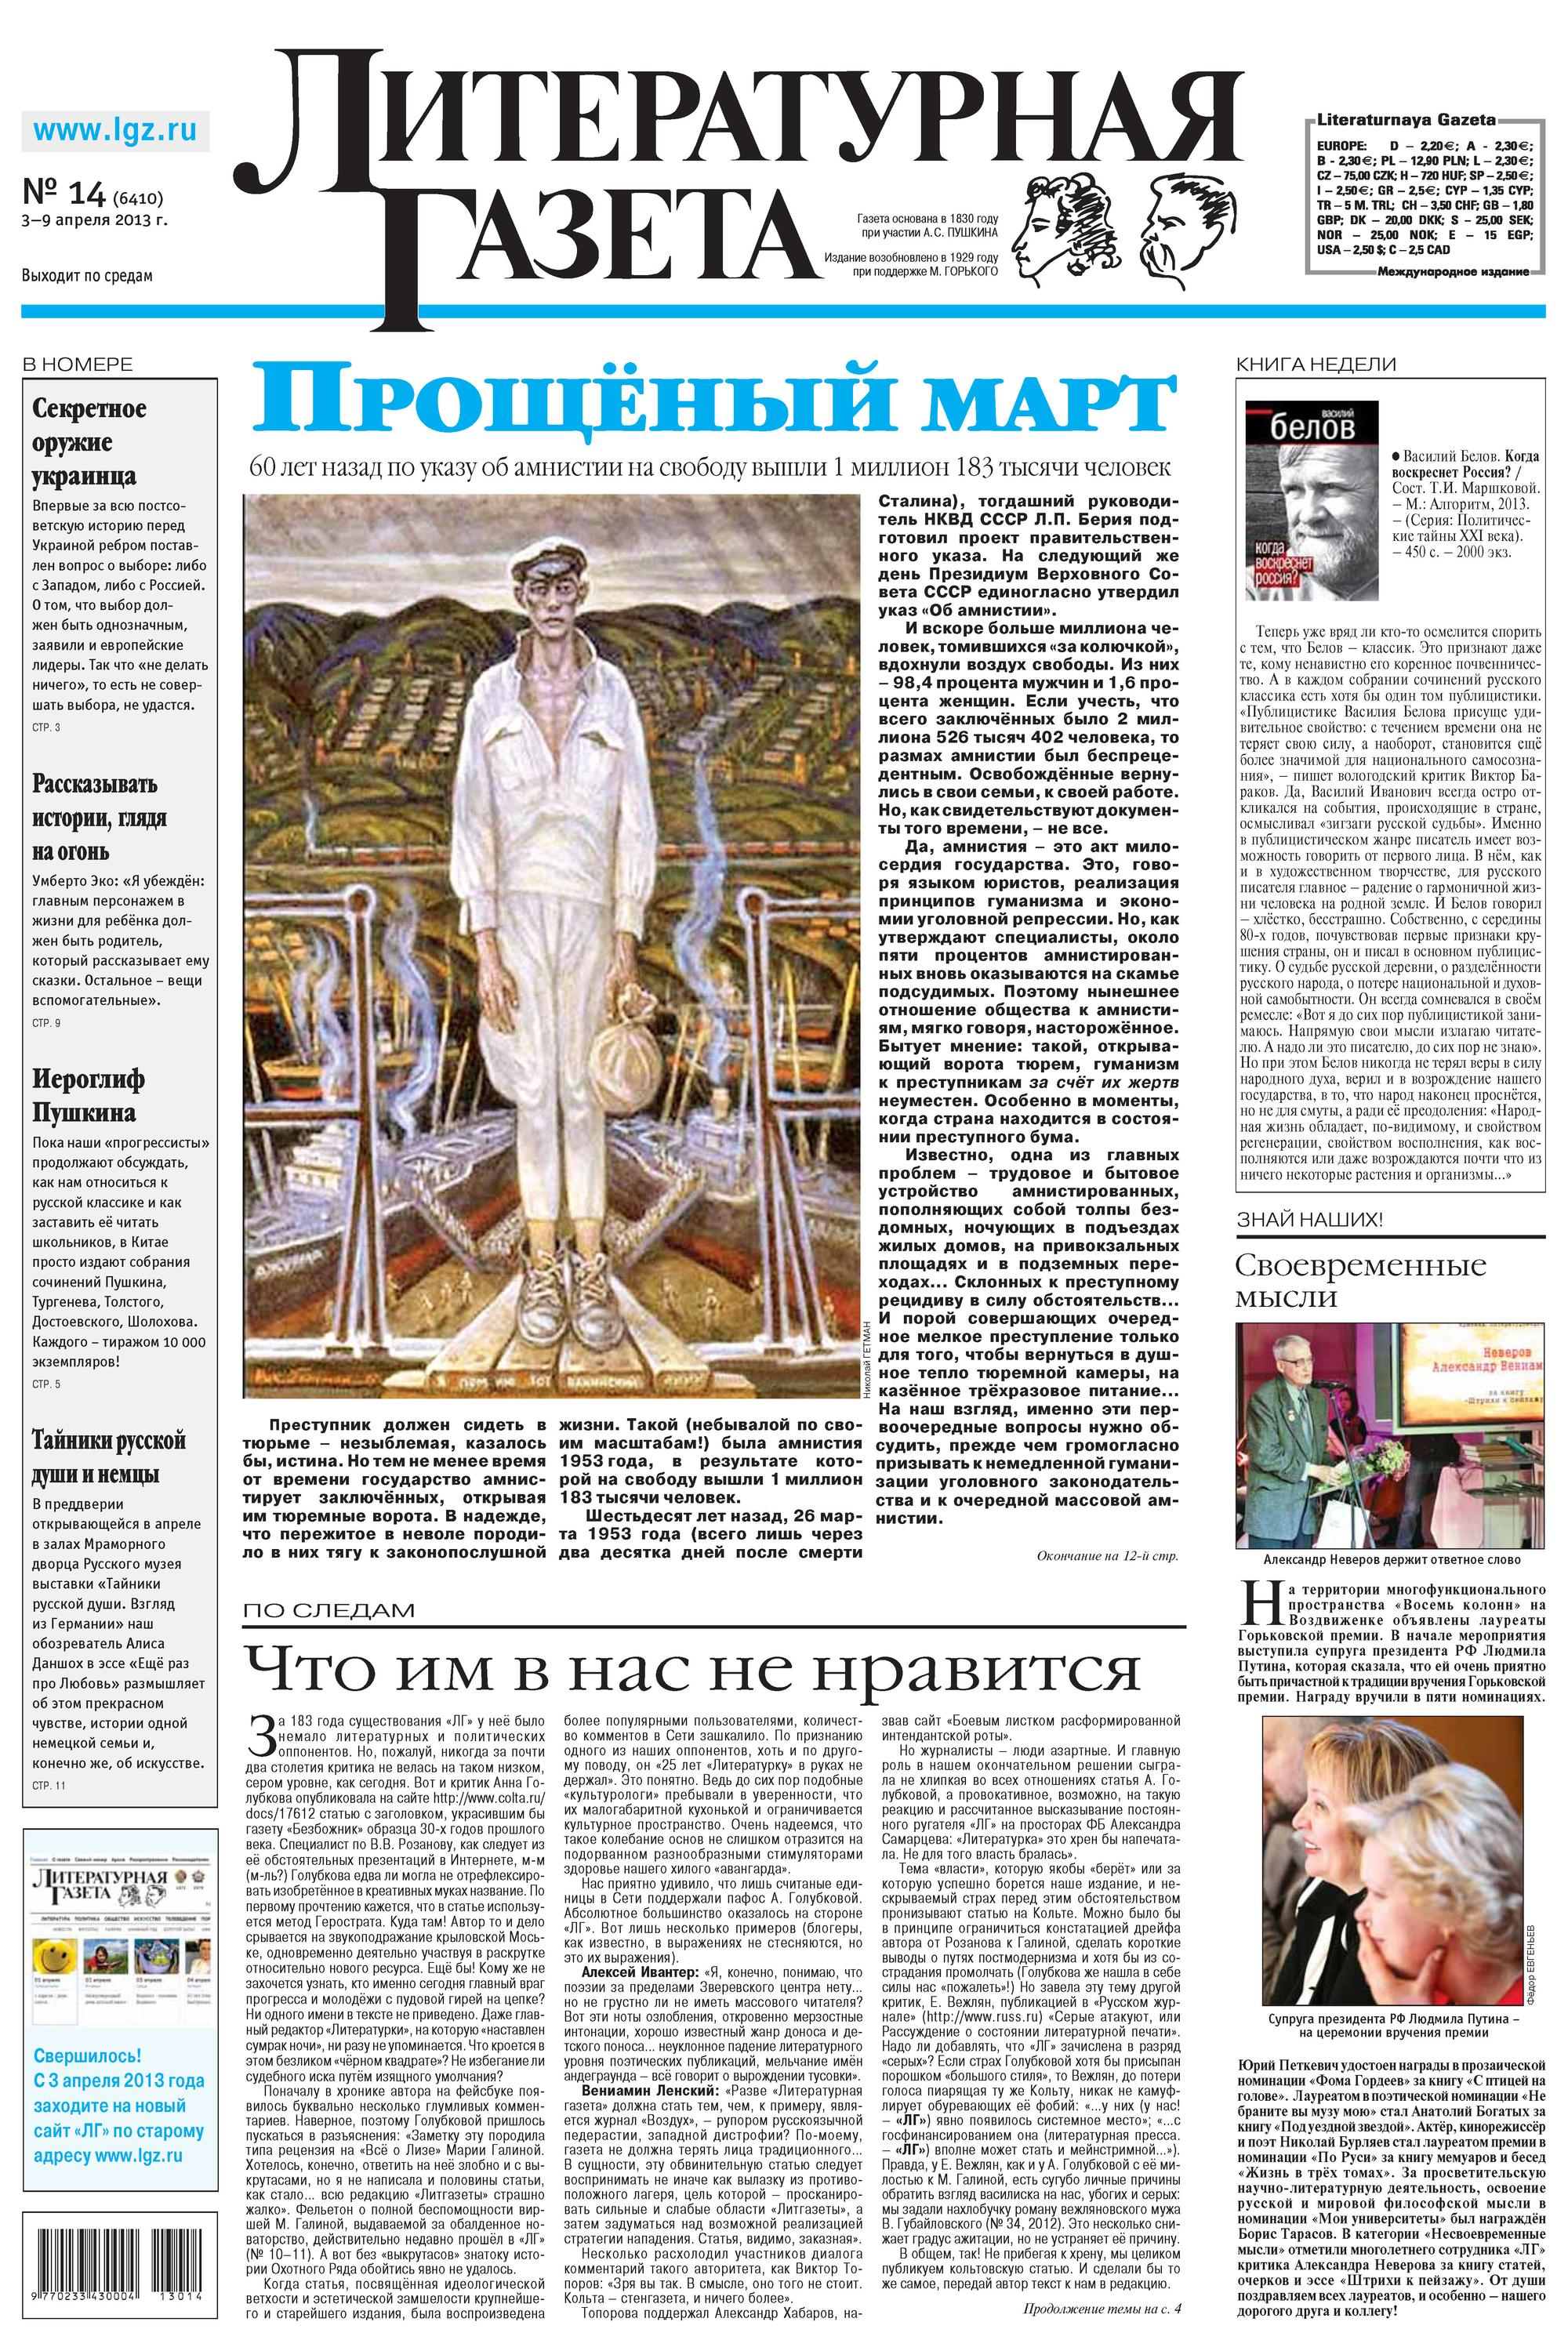 Отсутствует Литературная газета №14 (6410) 2013 отсутствует литературная газета 14 6410 2013